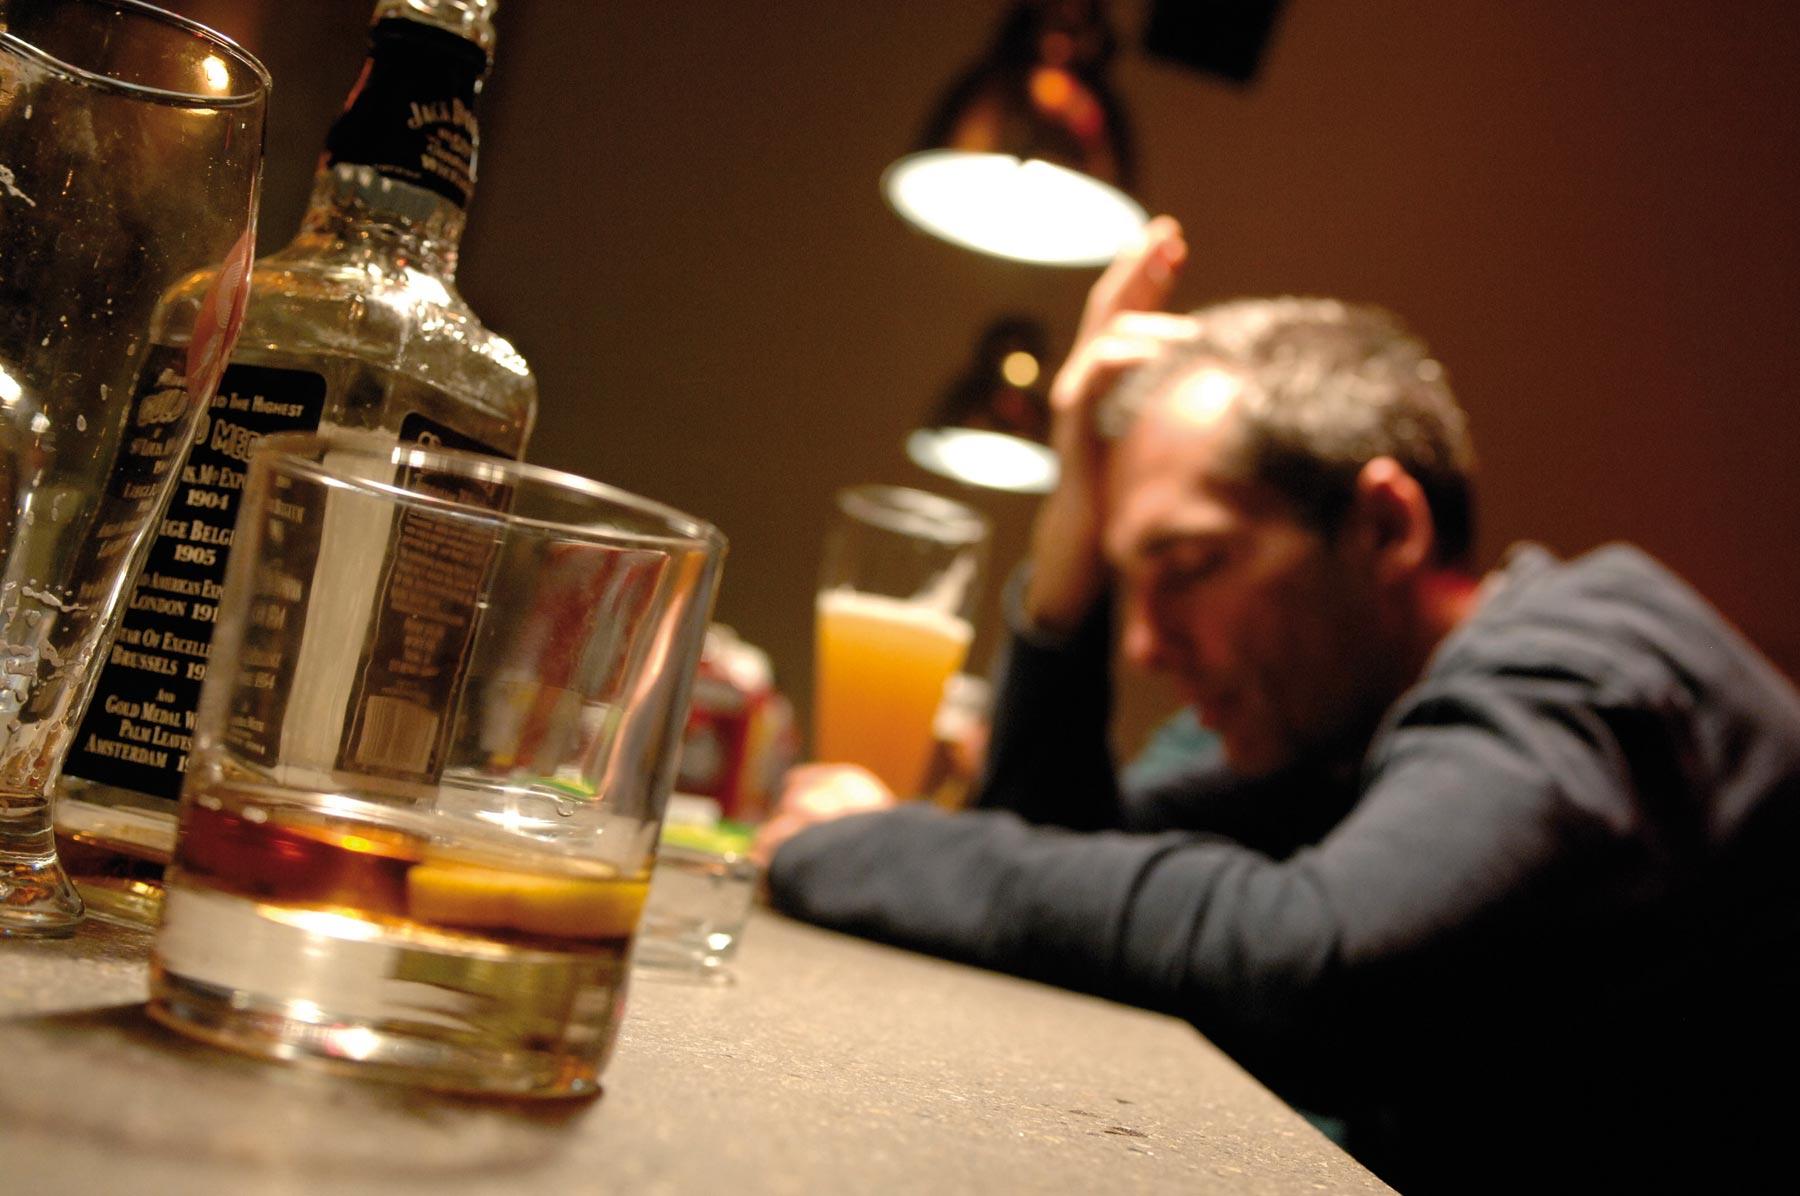 Ha bevuto la vodka dyumin un tiro dinfezione - Clinica di cura di alcolismo in Belarus